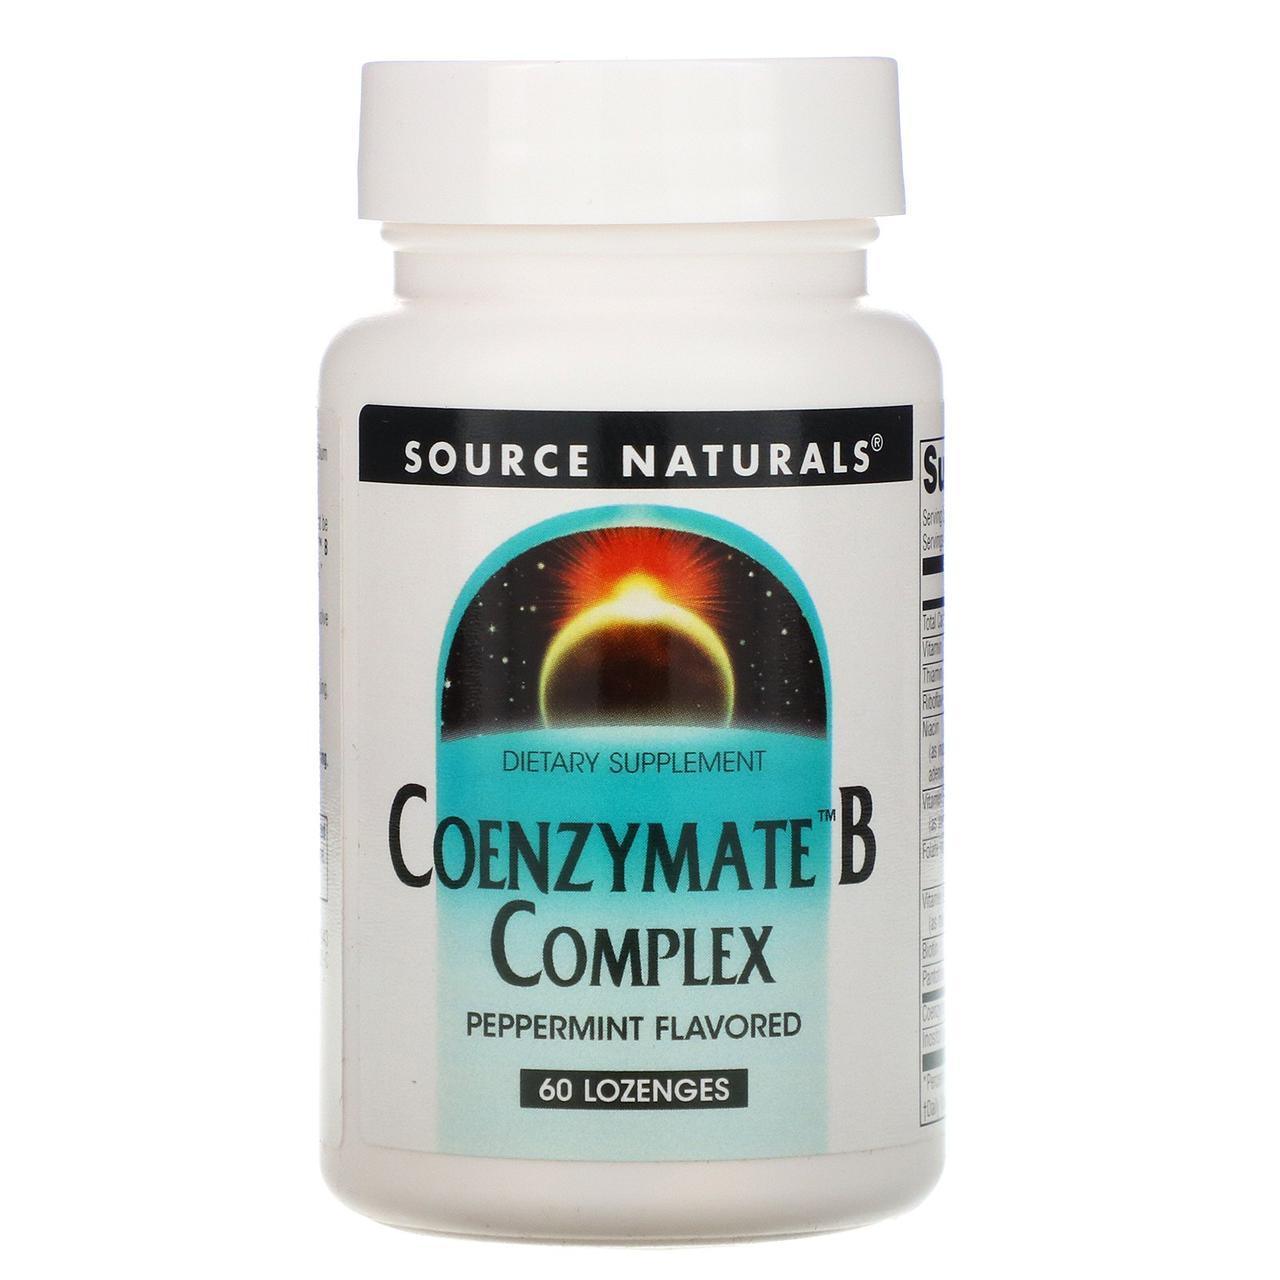 Витамин В (комплекс), Coenzymate B Complex, Source Naturals, 60 таблеток